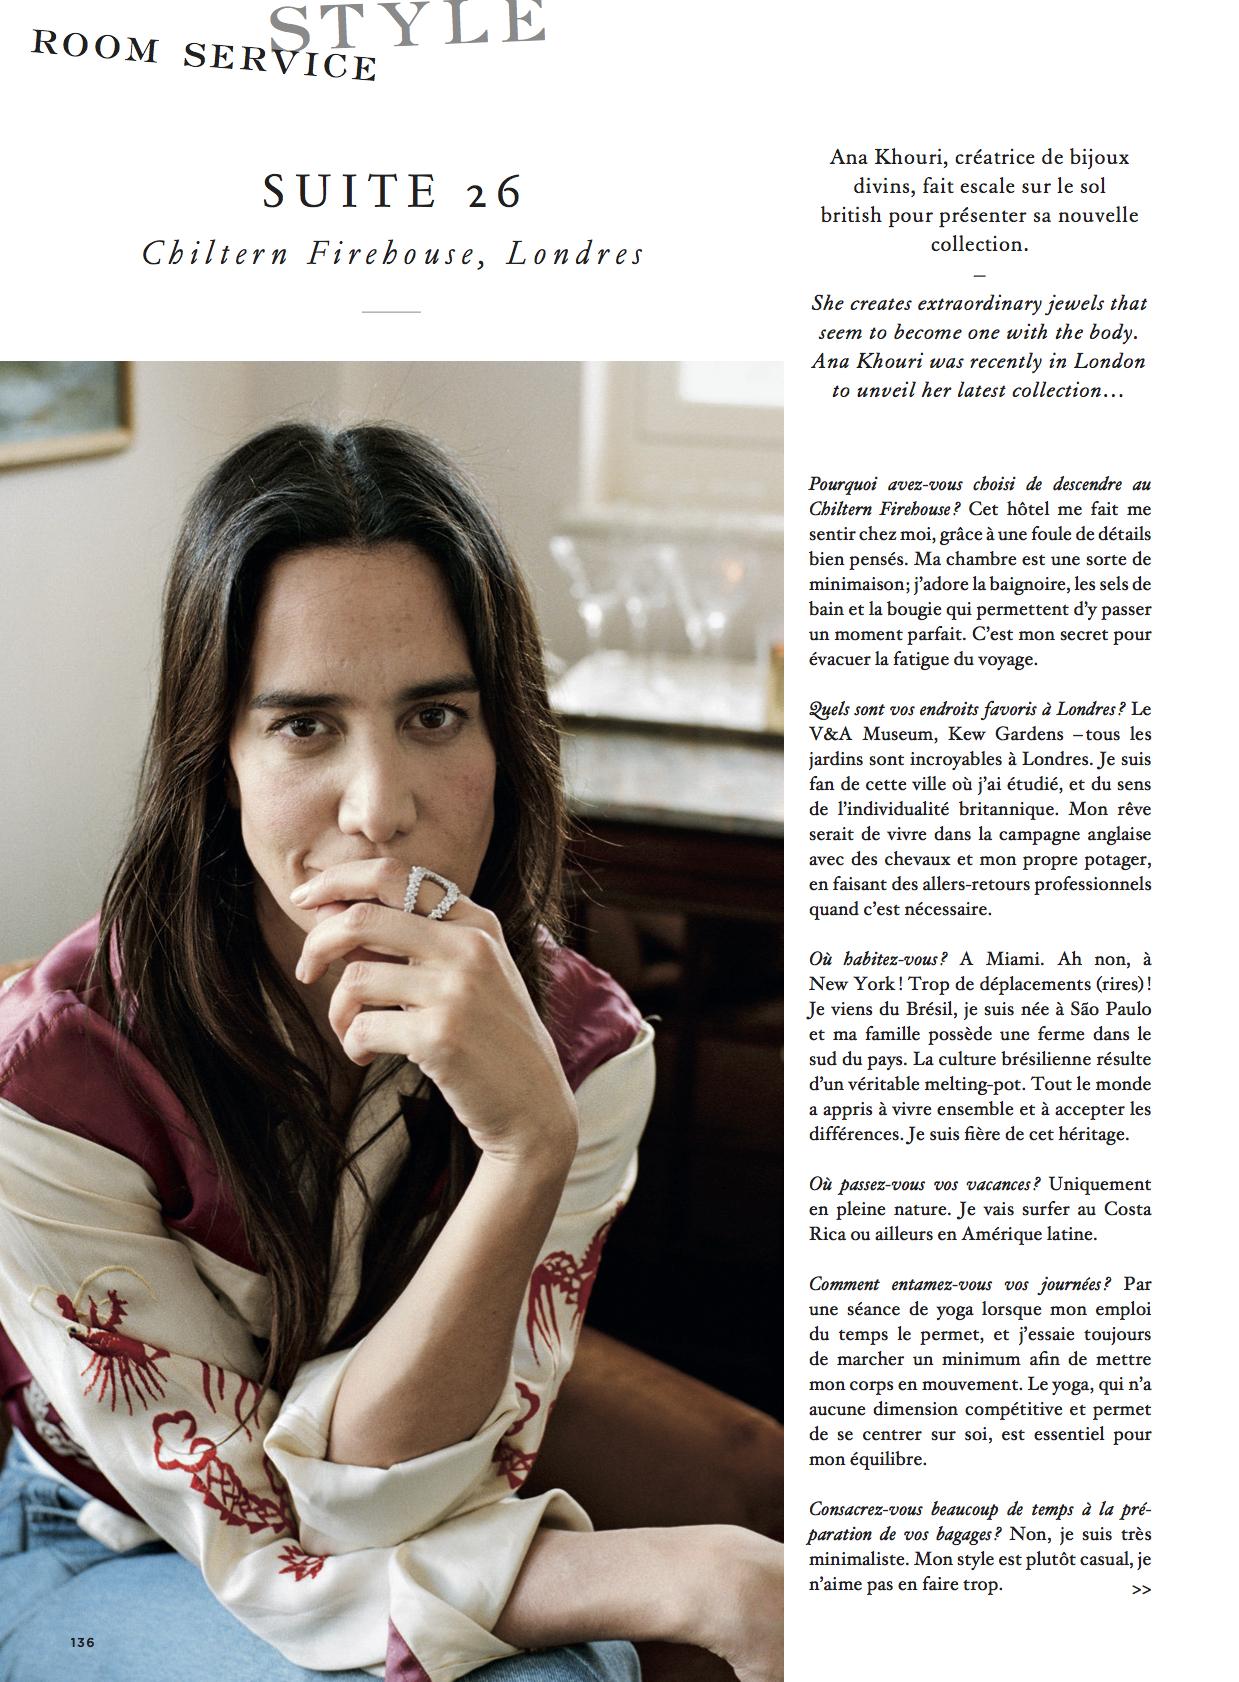 Ana Khouri in Air France Madame